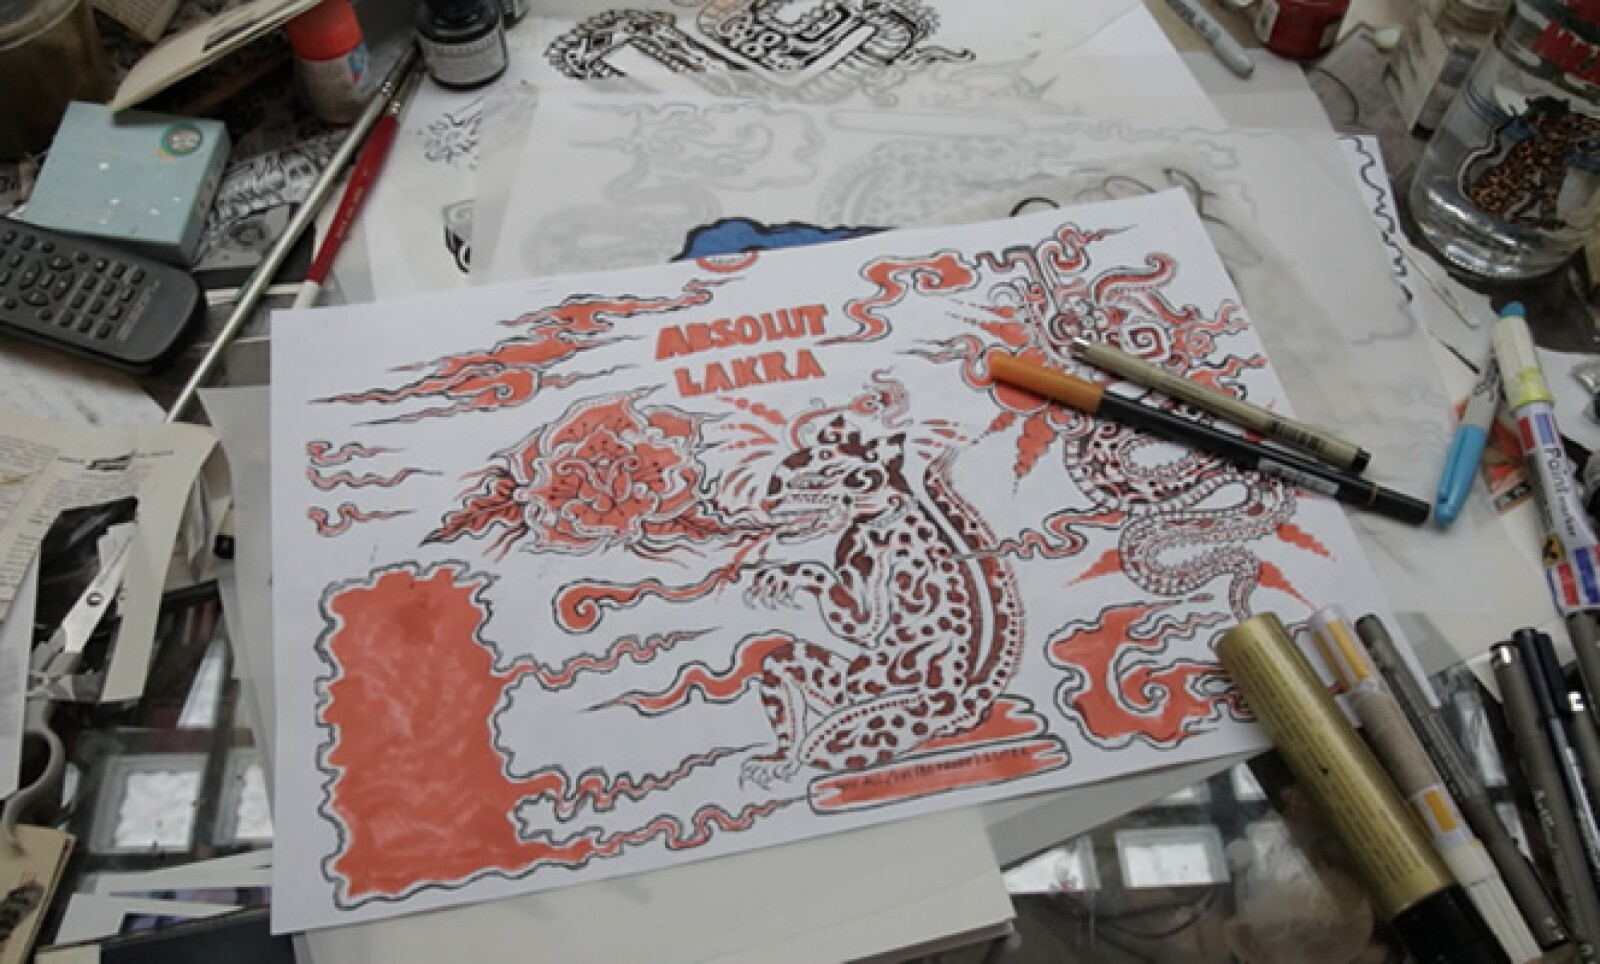 En la botella, el artista le rinde tributo a tres símbolos importantes de la cultura maya: el jaguar, la serpiente emplumada o Kukulkán y al dios del viento, la tormenta y el fuego, representado por la palabra Hurakan.